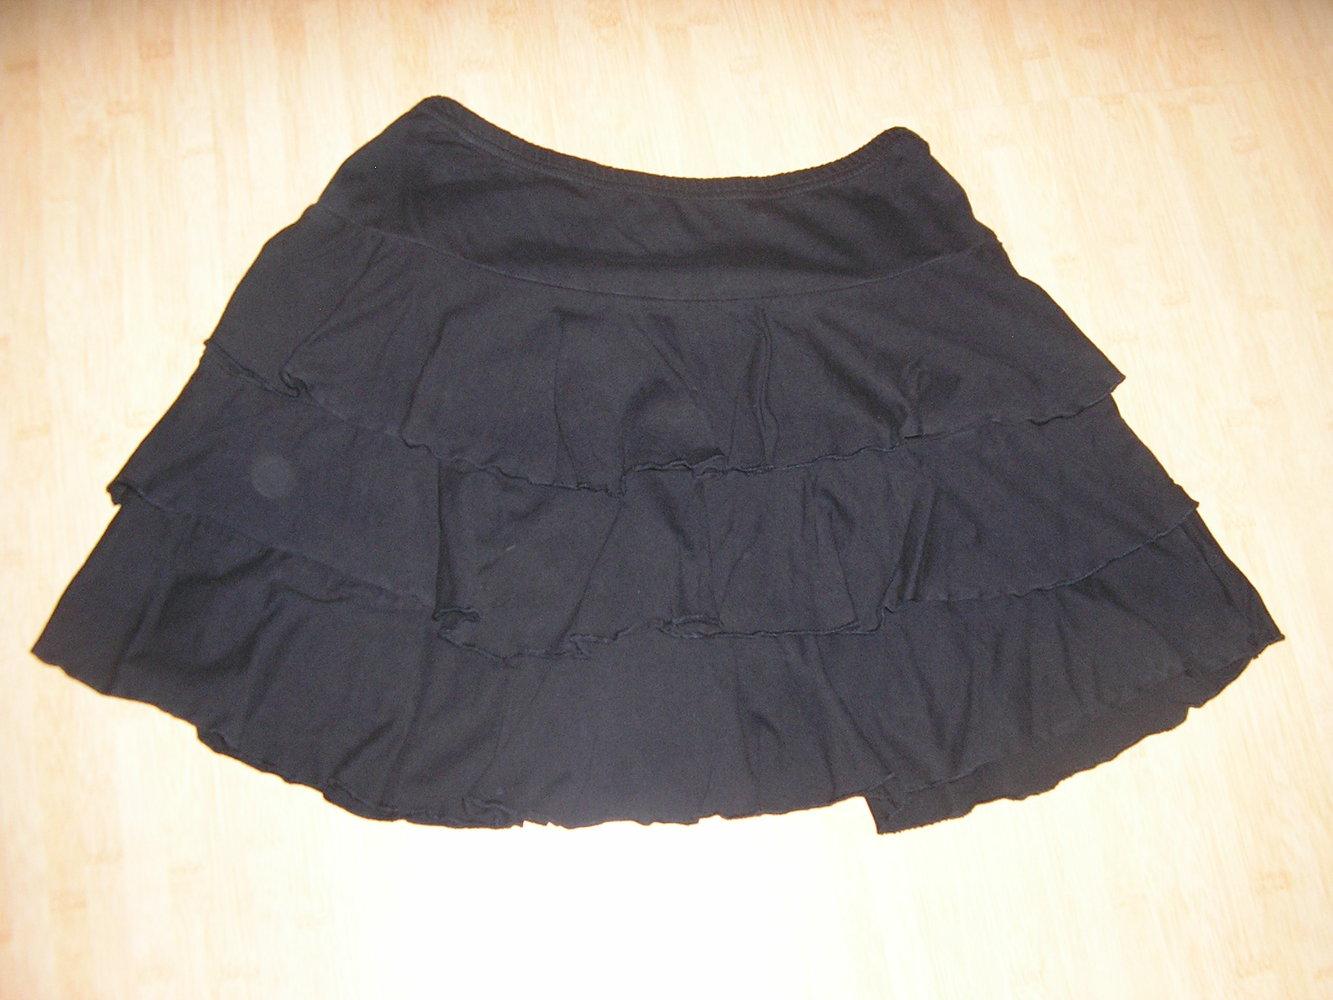 new styles 7a234 37127 knielanger, schwarzer Falten-Rock Gothic